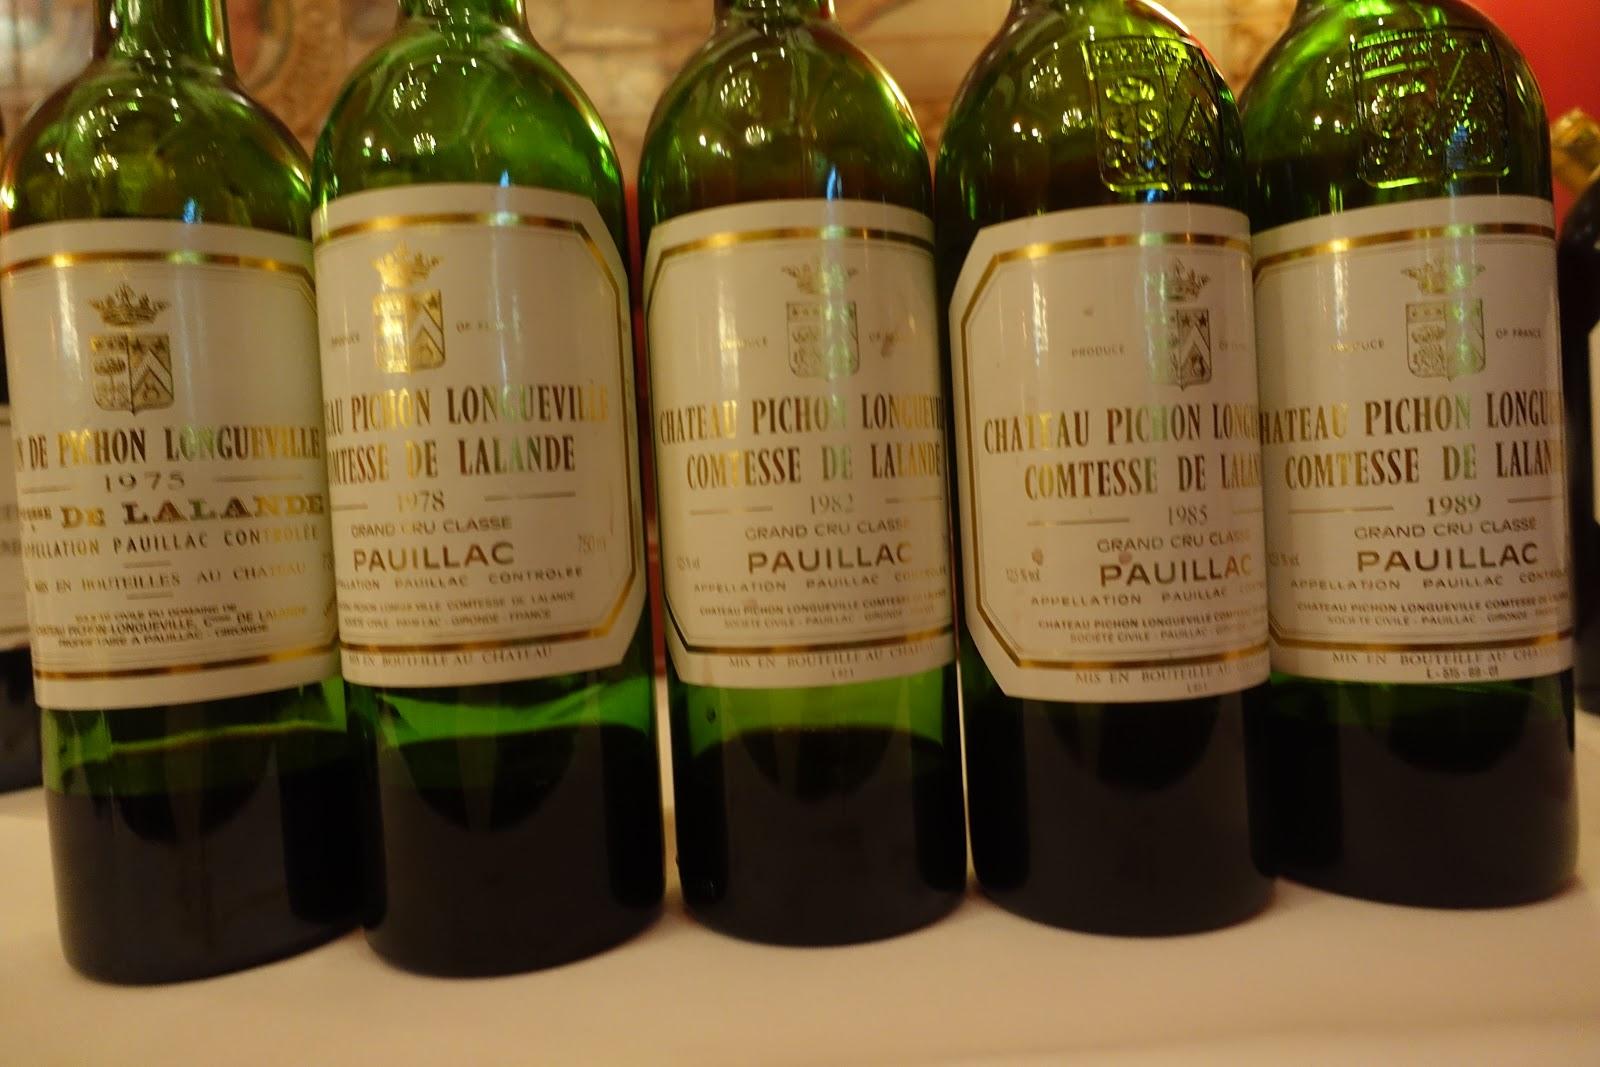 schiller-wine: Massive (16 Vintages) Tasting of Château